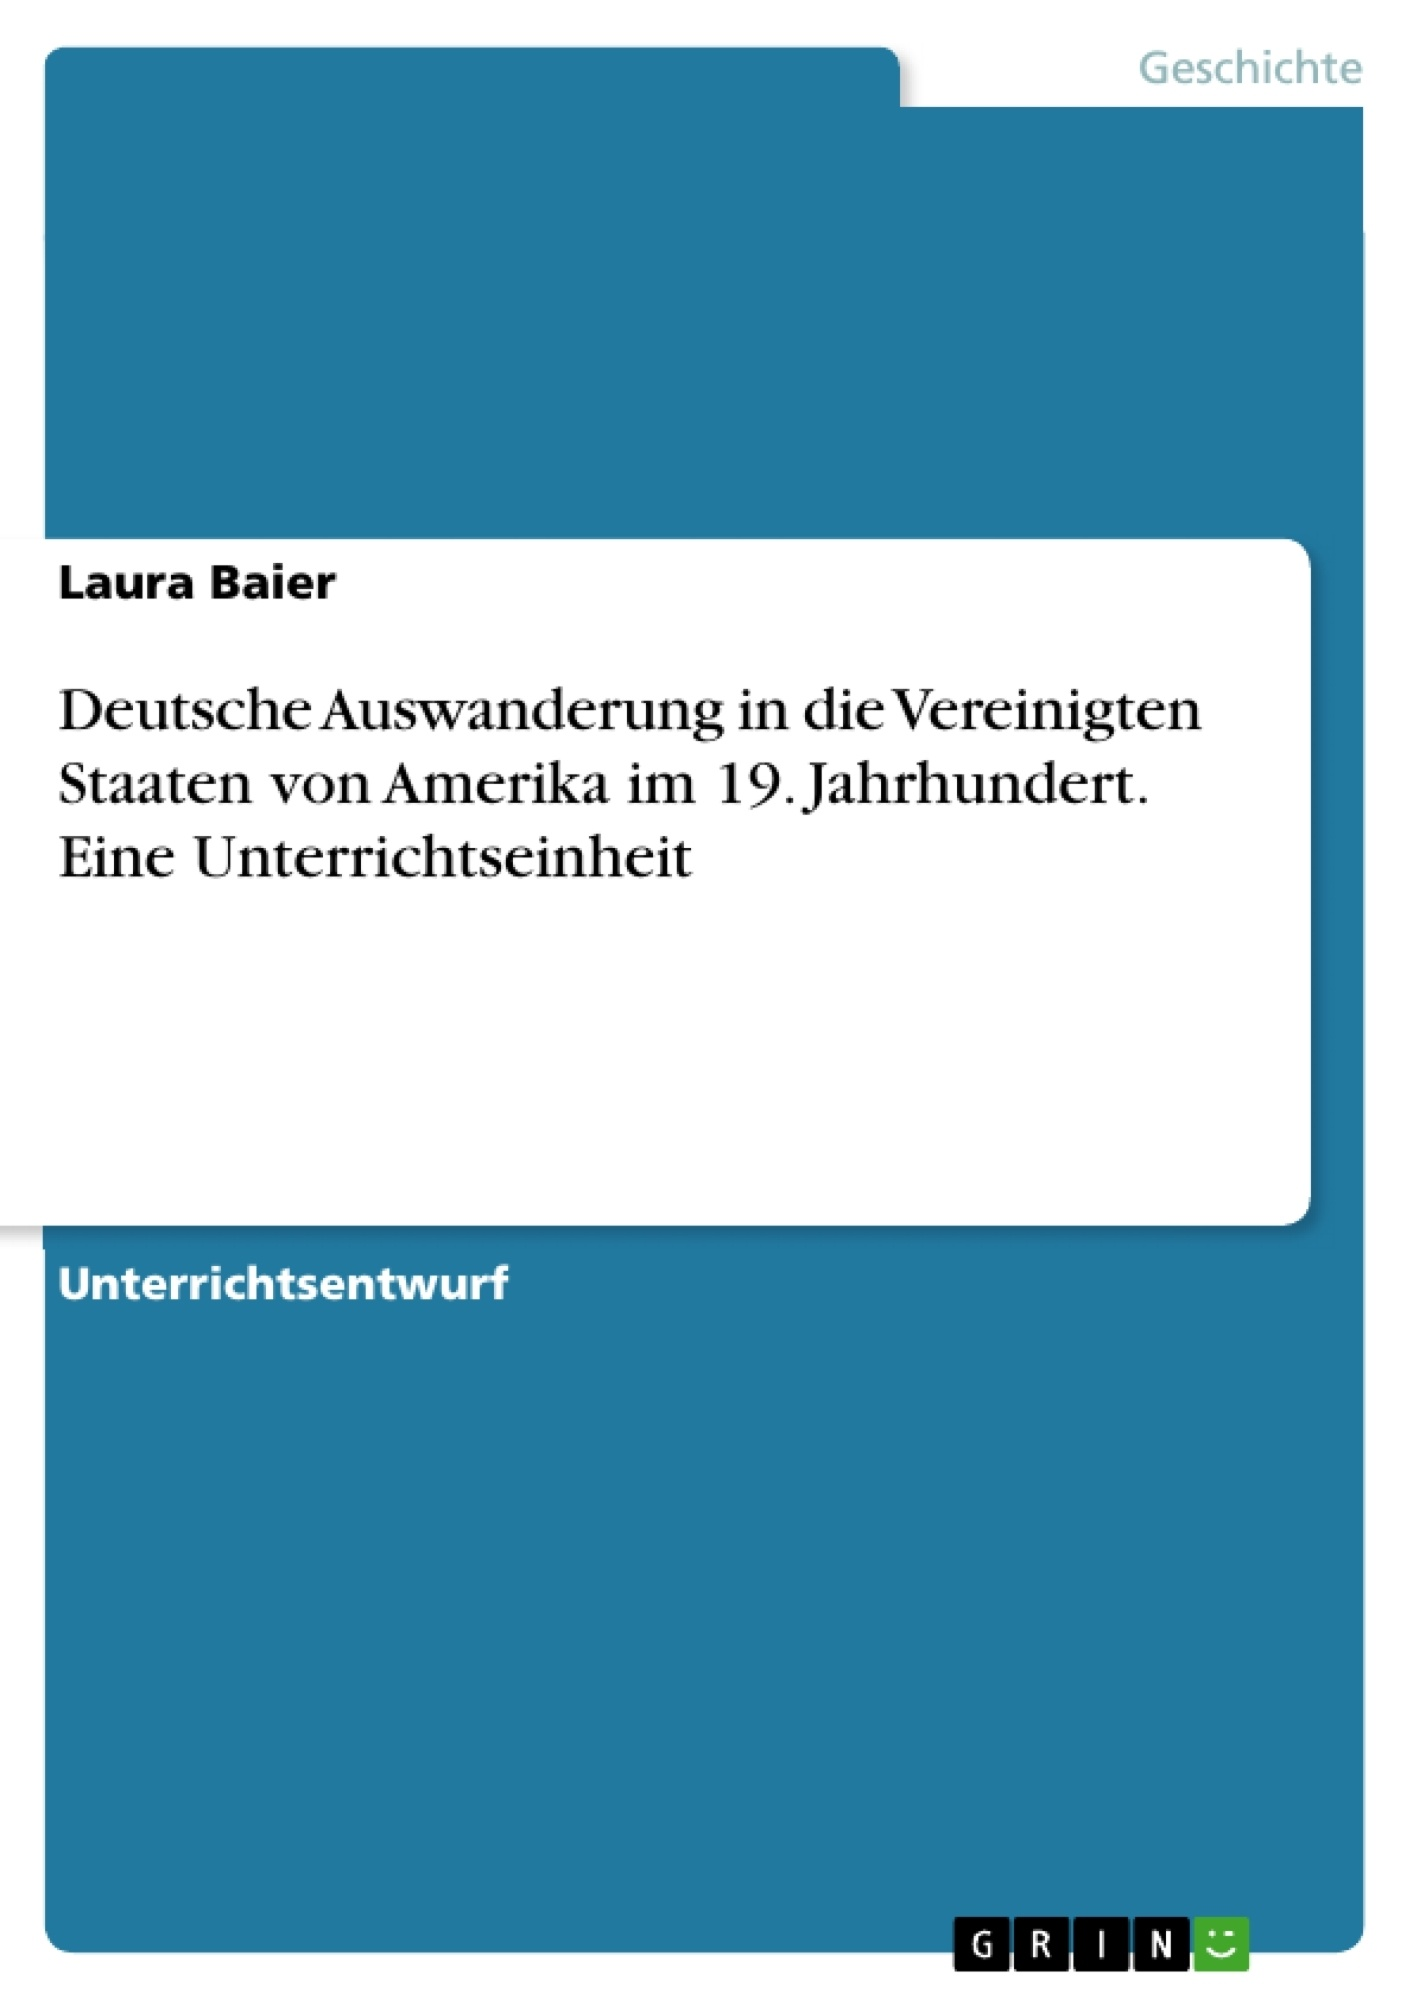 Titel: Deutsche Auswanderung in die Vereinigten Staaten von Amerika im 19. Jahrhundert. Eine Unterrichtseinheit